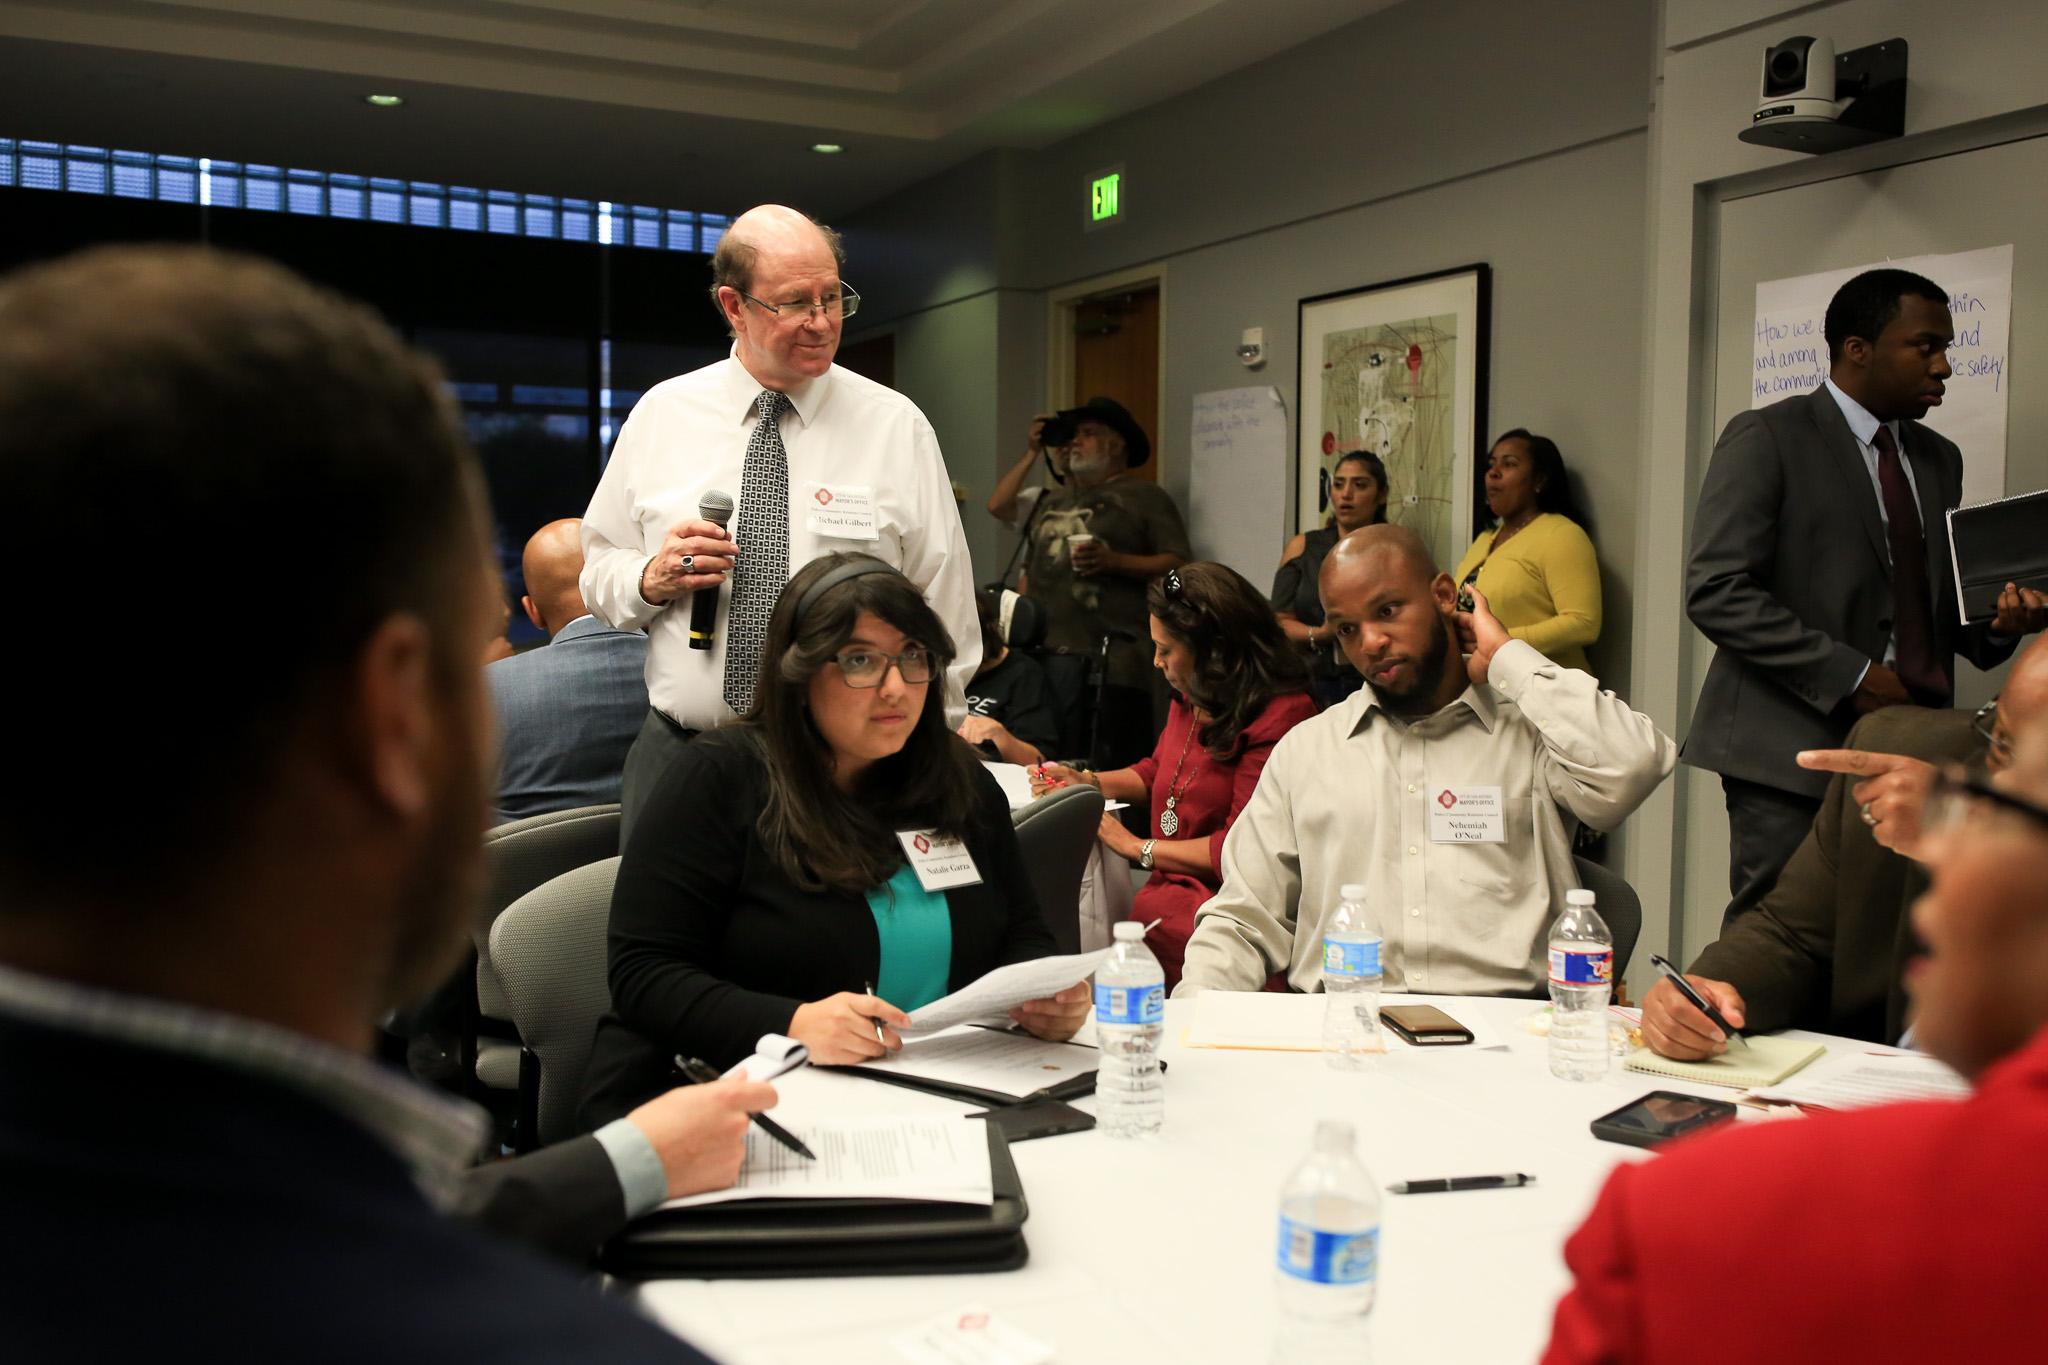 UTSA Professor Michael Gilbert moderates an interactive portion of the meeting.